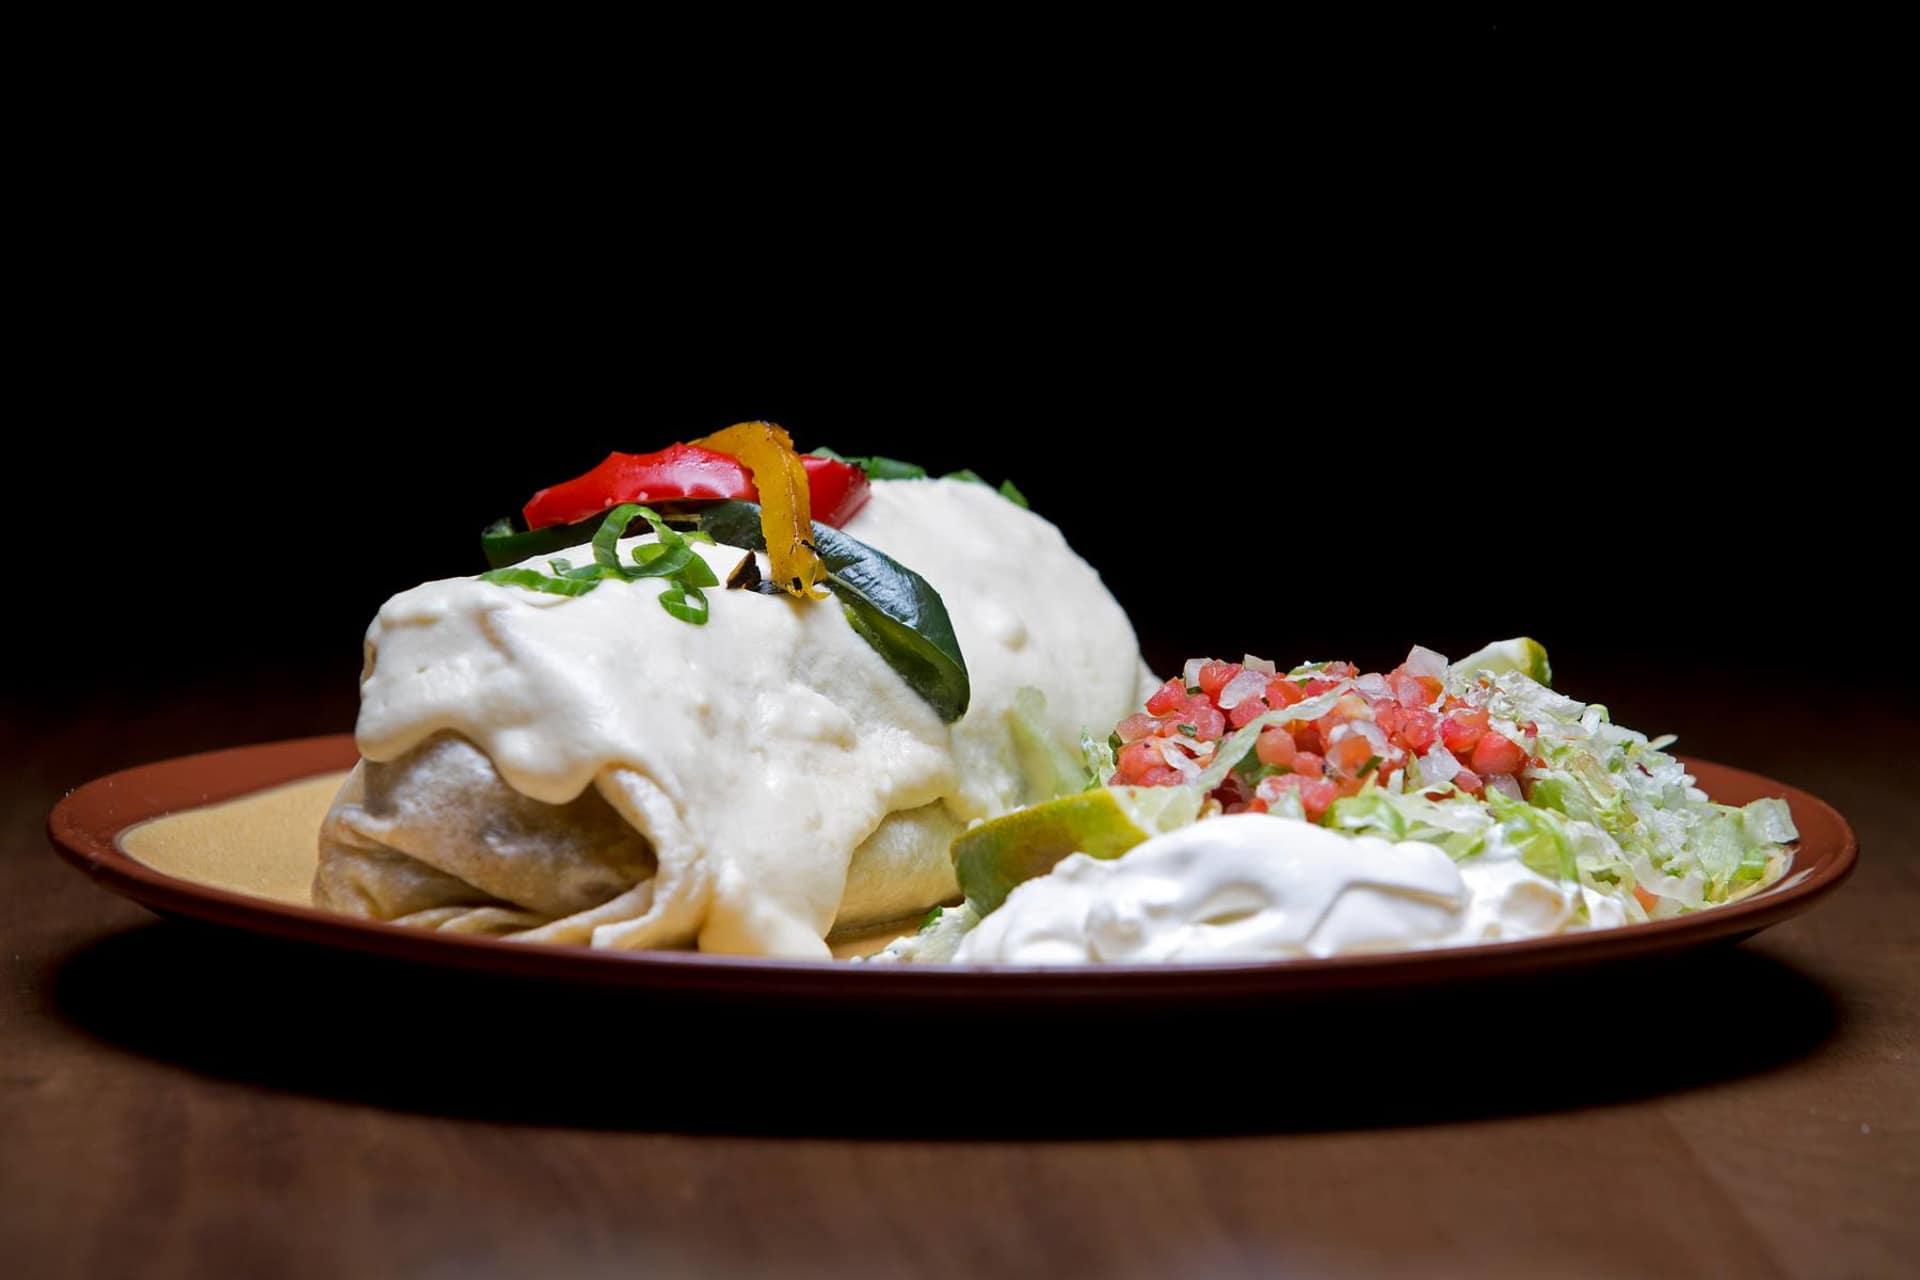 Famous Burrito Fundido